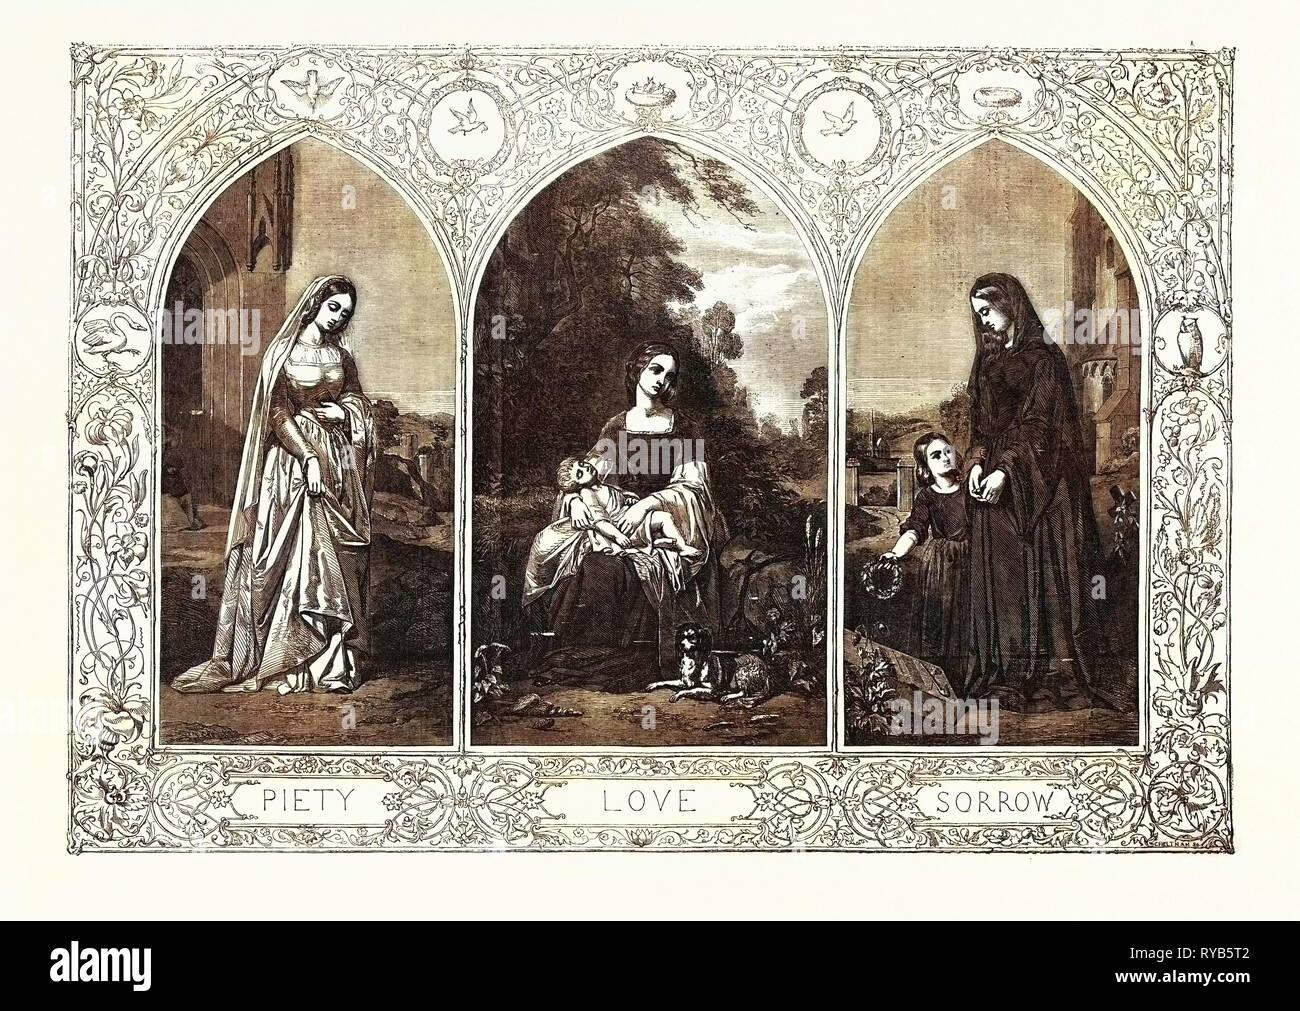 Piety Love Sorrow - Stock Image